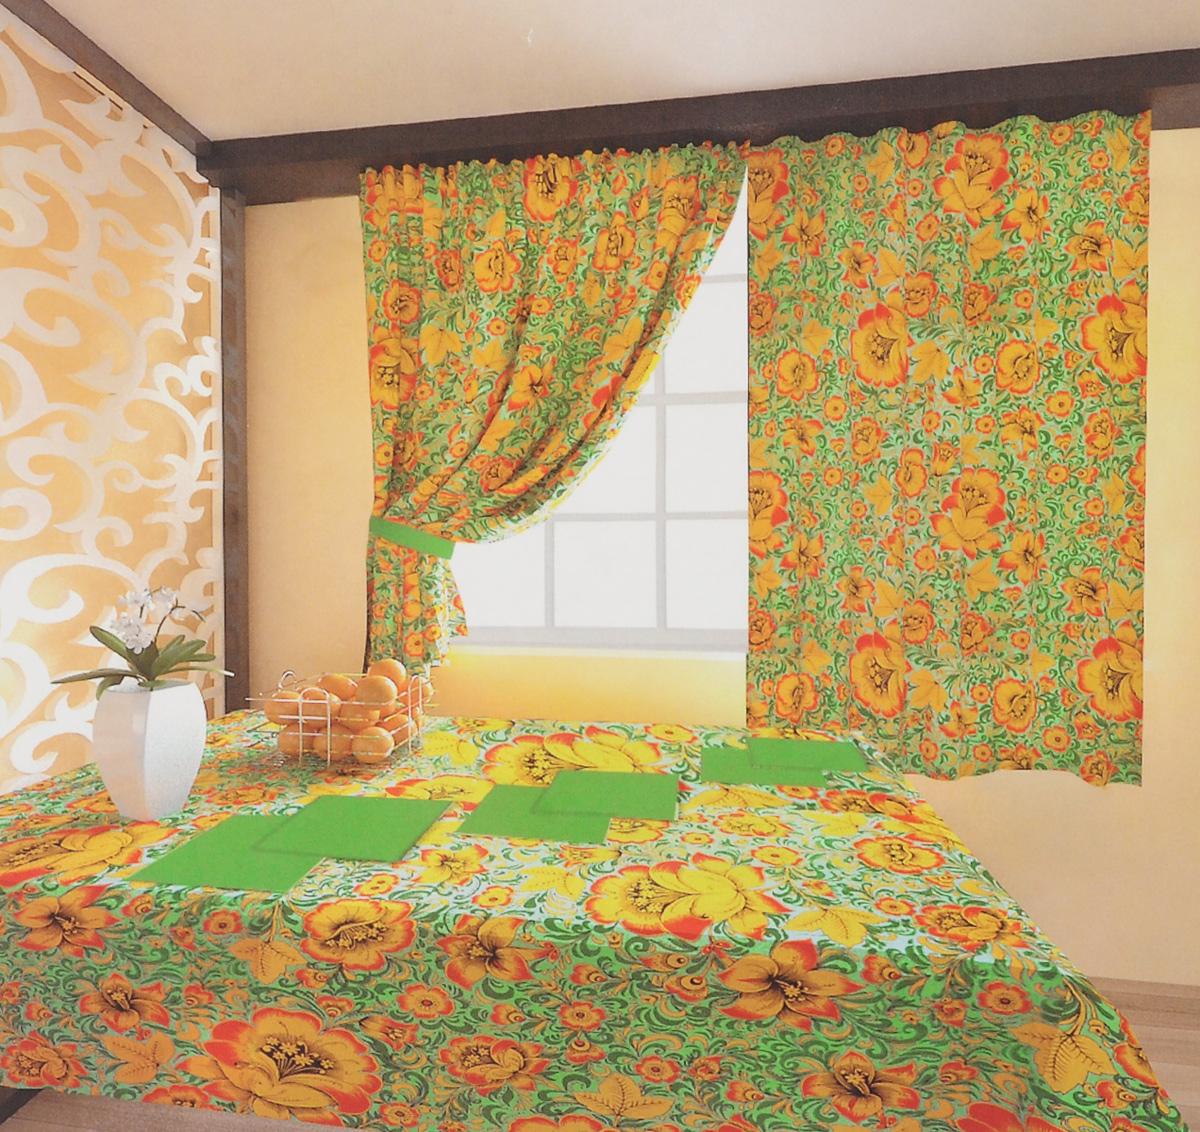 Комплект штор Zlata Korunka Хохлома, на ленте, цвет: зеленый, желтый, черный, высота 150 см. 5561055610Роскошный комплект штор Zlata Korunka Хохлома великолепно украсит любое окно. Комплект состоит из двух портьер, двух подхватов, скатерти и 6 салфеток. Изделия выполнены из 100% хлопка и декорированы изображением крупных цветов. Оригинальный цветочный принт привлечет к себе внимание и позволит шторам органично вписаться в интерьер помещения. Комплект крепится на карниз при помощи шторной ленты, которая поможет красиво и равномерно задрапировать верх. Портьеры можно красиво зафиксировать с помощью двух подхватов. Этот комплект будет долгое время радовать вас и вашу семью. Рекомендуется ручная стирка. В комплект входит: Портьера: 2 шт. Размер (ШхВ): 150 х 150 см. Скатерть: 1 шт. Размер (ШхВ): 140 х 180 см. Салфетки: 6 шт. 40 х 40 см. Подхват (с учетом петель): 2 шт. Размер: 65 х 9 см.